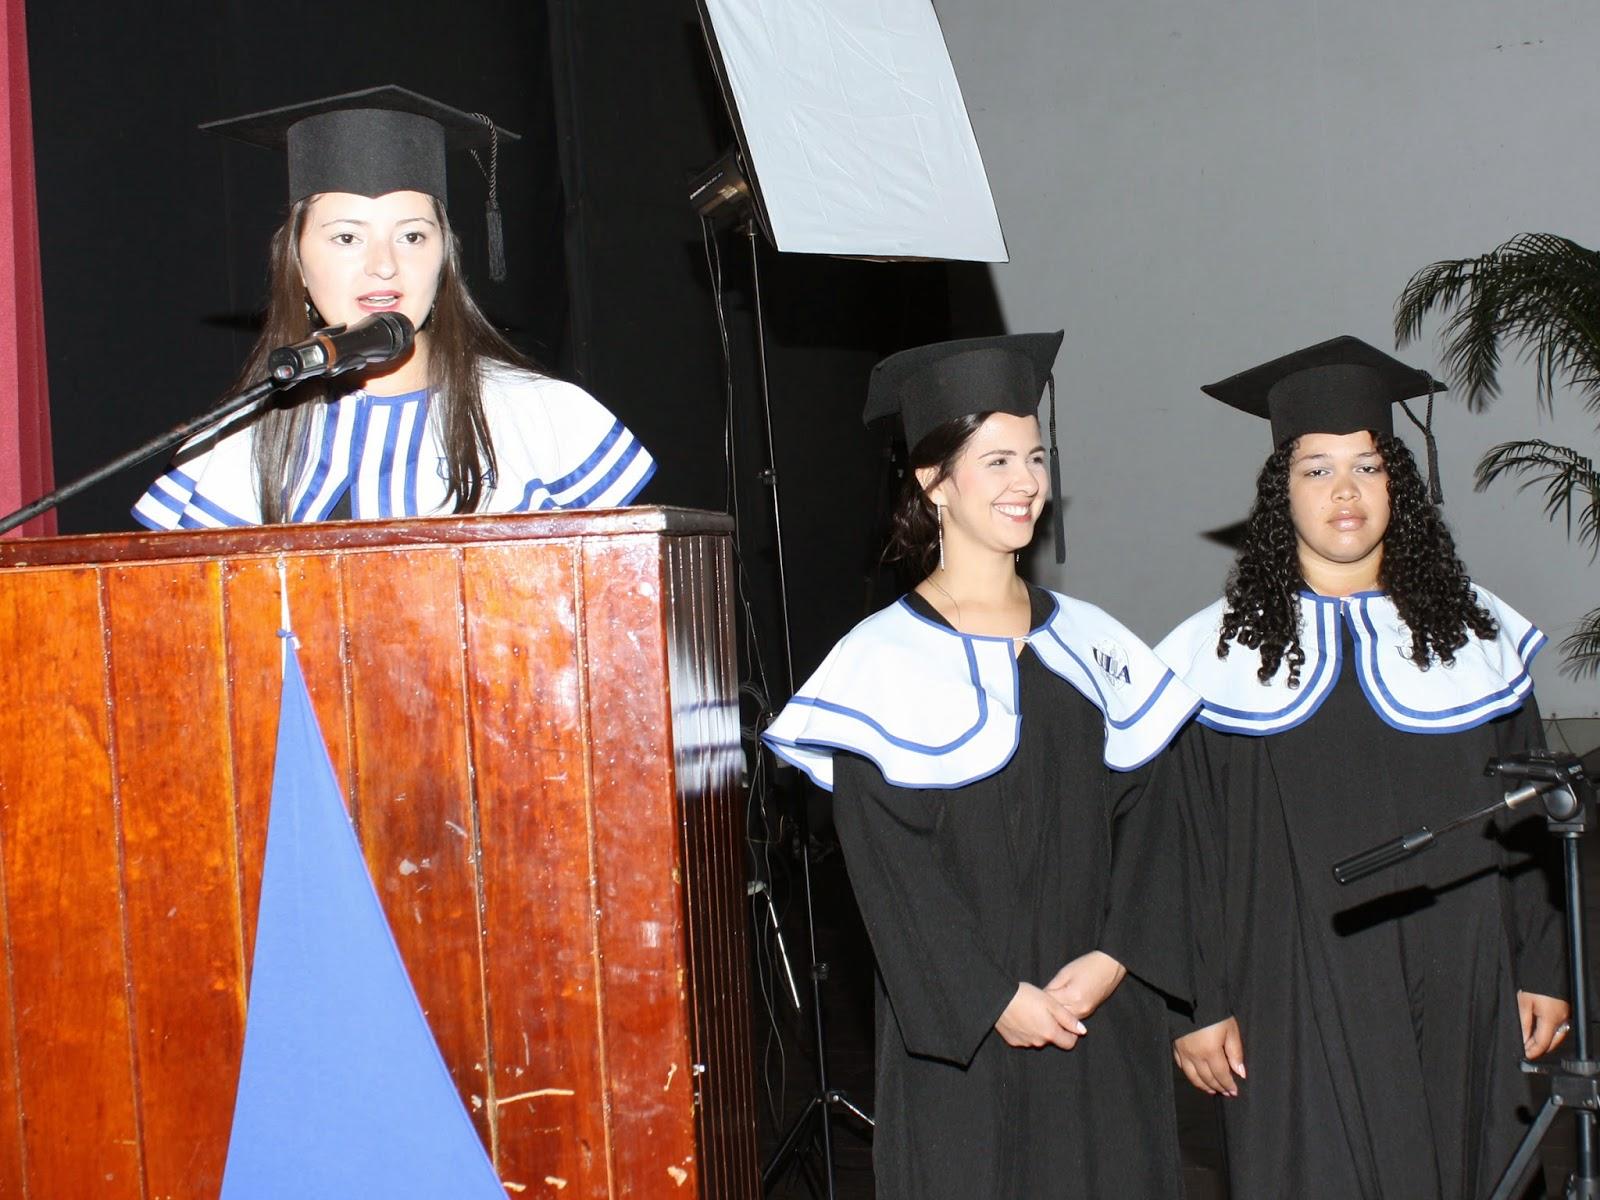 Isley Ochoa, graduando con la distinción Summa Cum Laude, pronunció las palabras de solicitud de títulos a las autoridades. (Foto: Moisés Vivas)